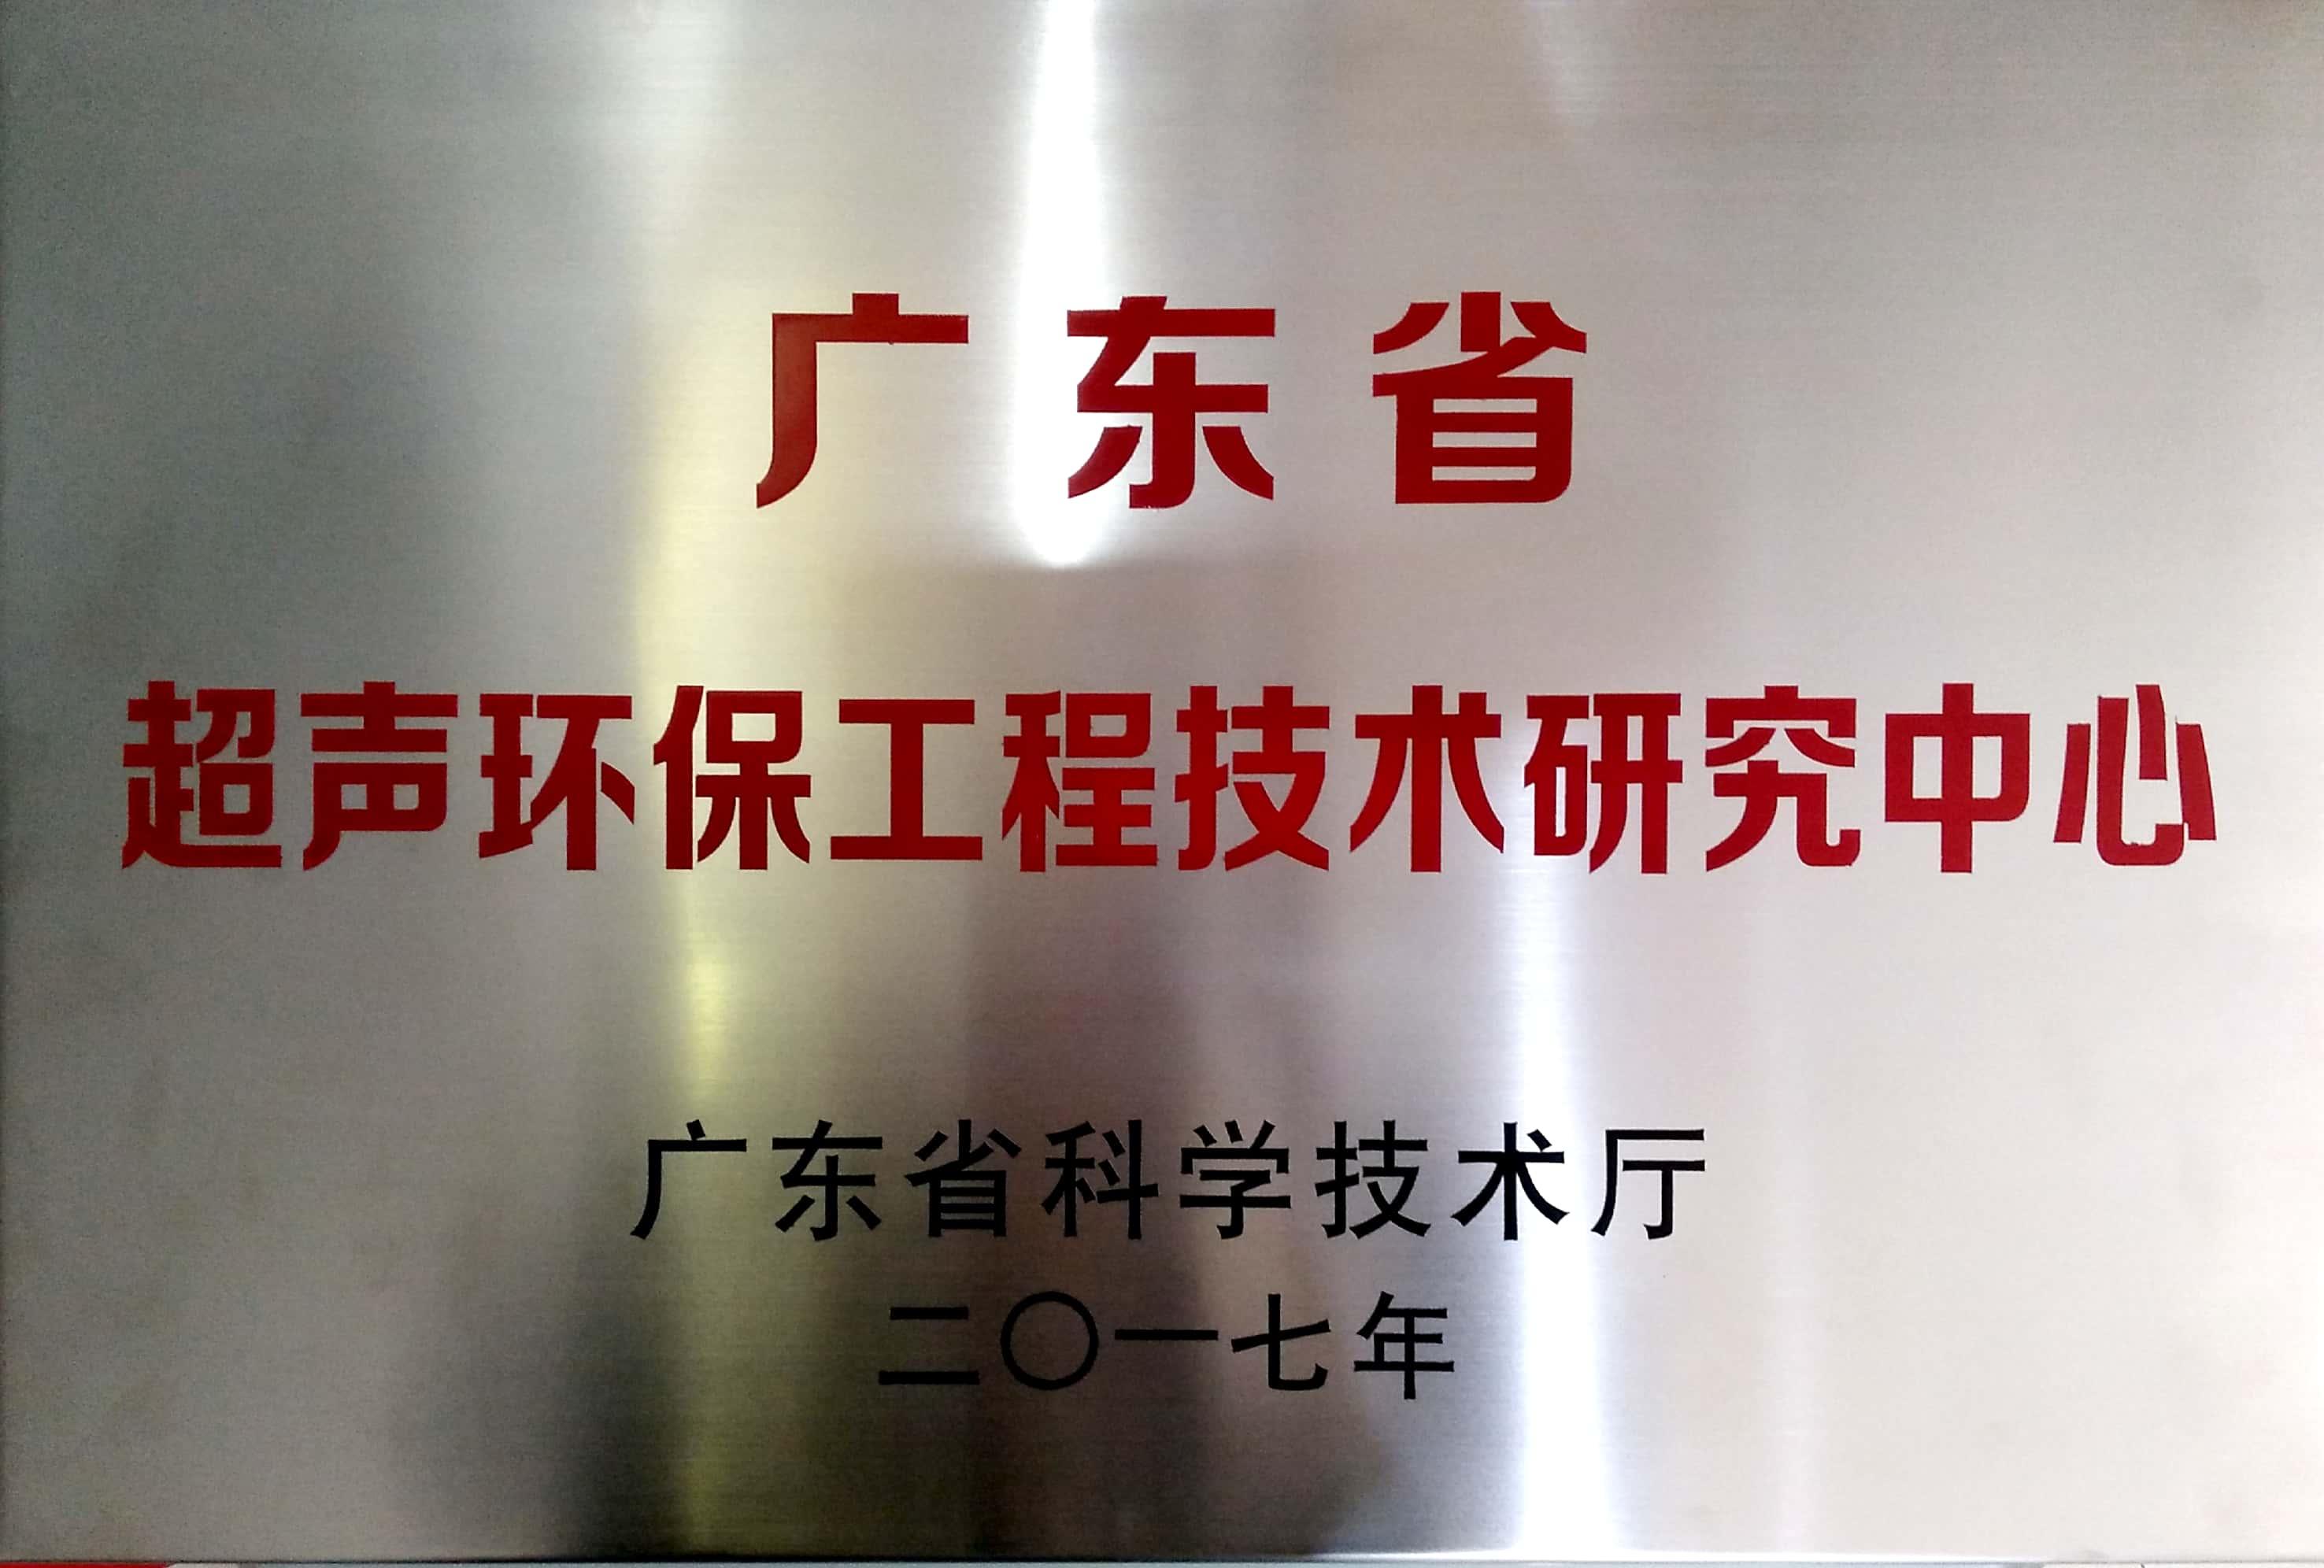 超声环保工程技术研究中心